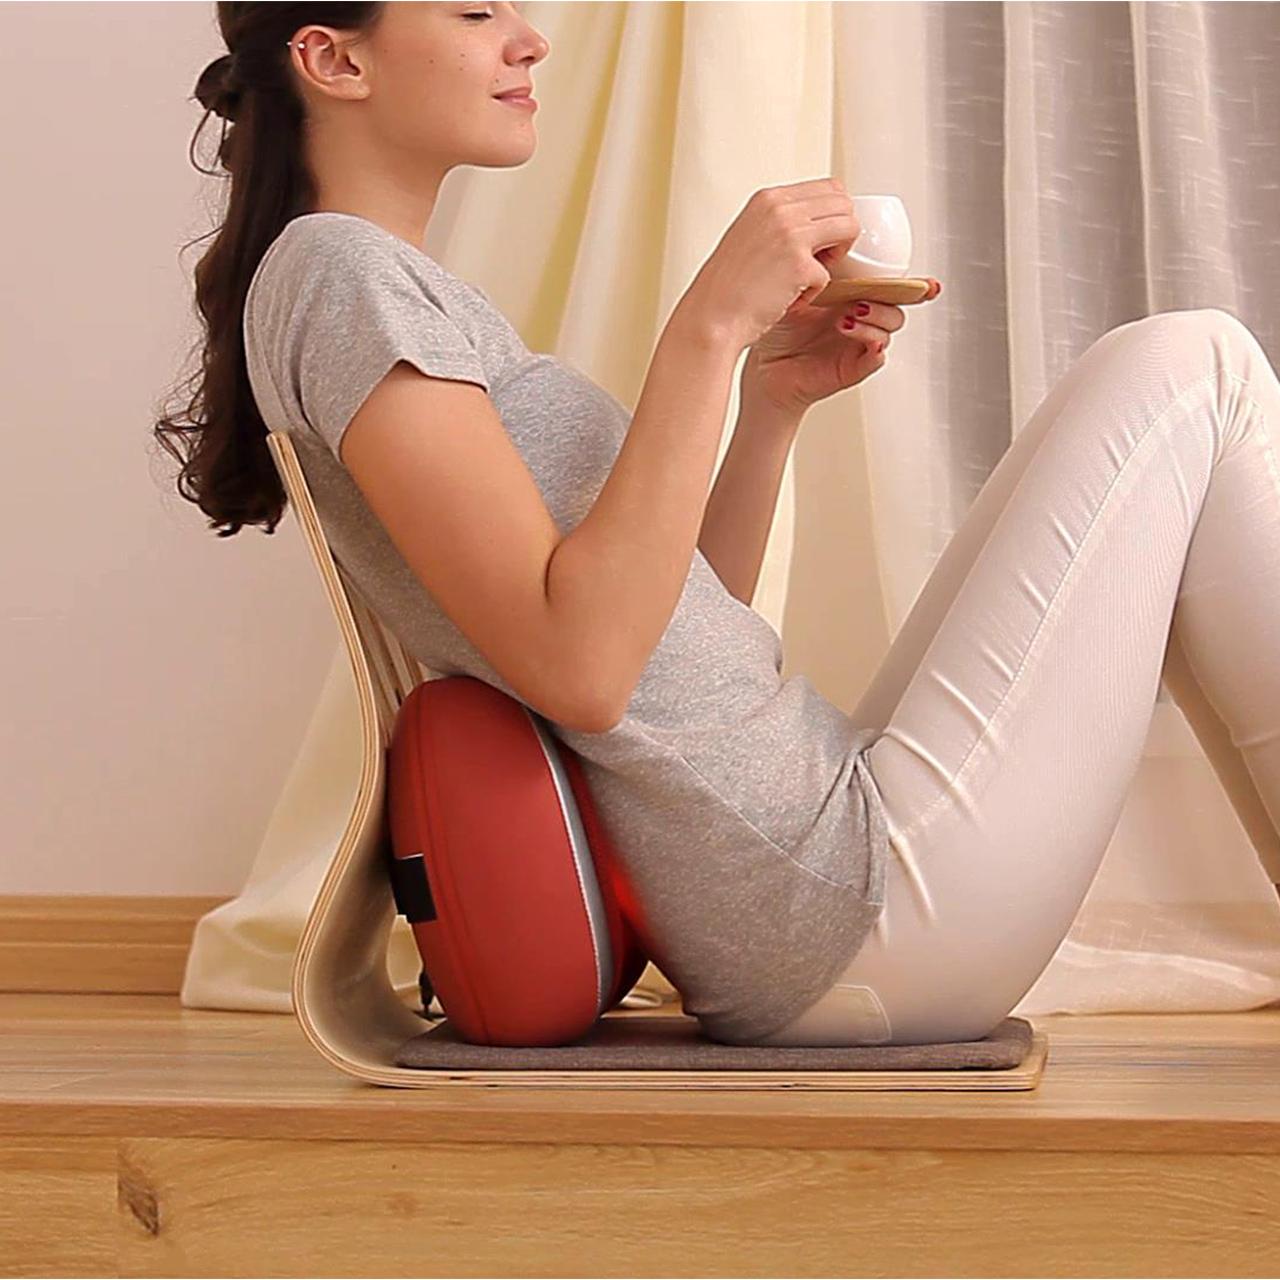 Австралия частица для женского имени официальный многофункциональный массаж талия из массаж подушка автомобиль водитель подушка поясничный ремень массажеры